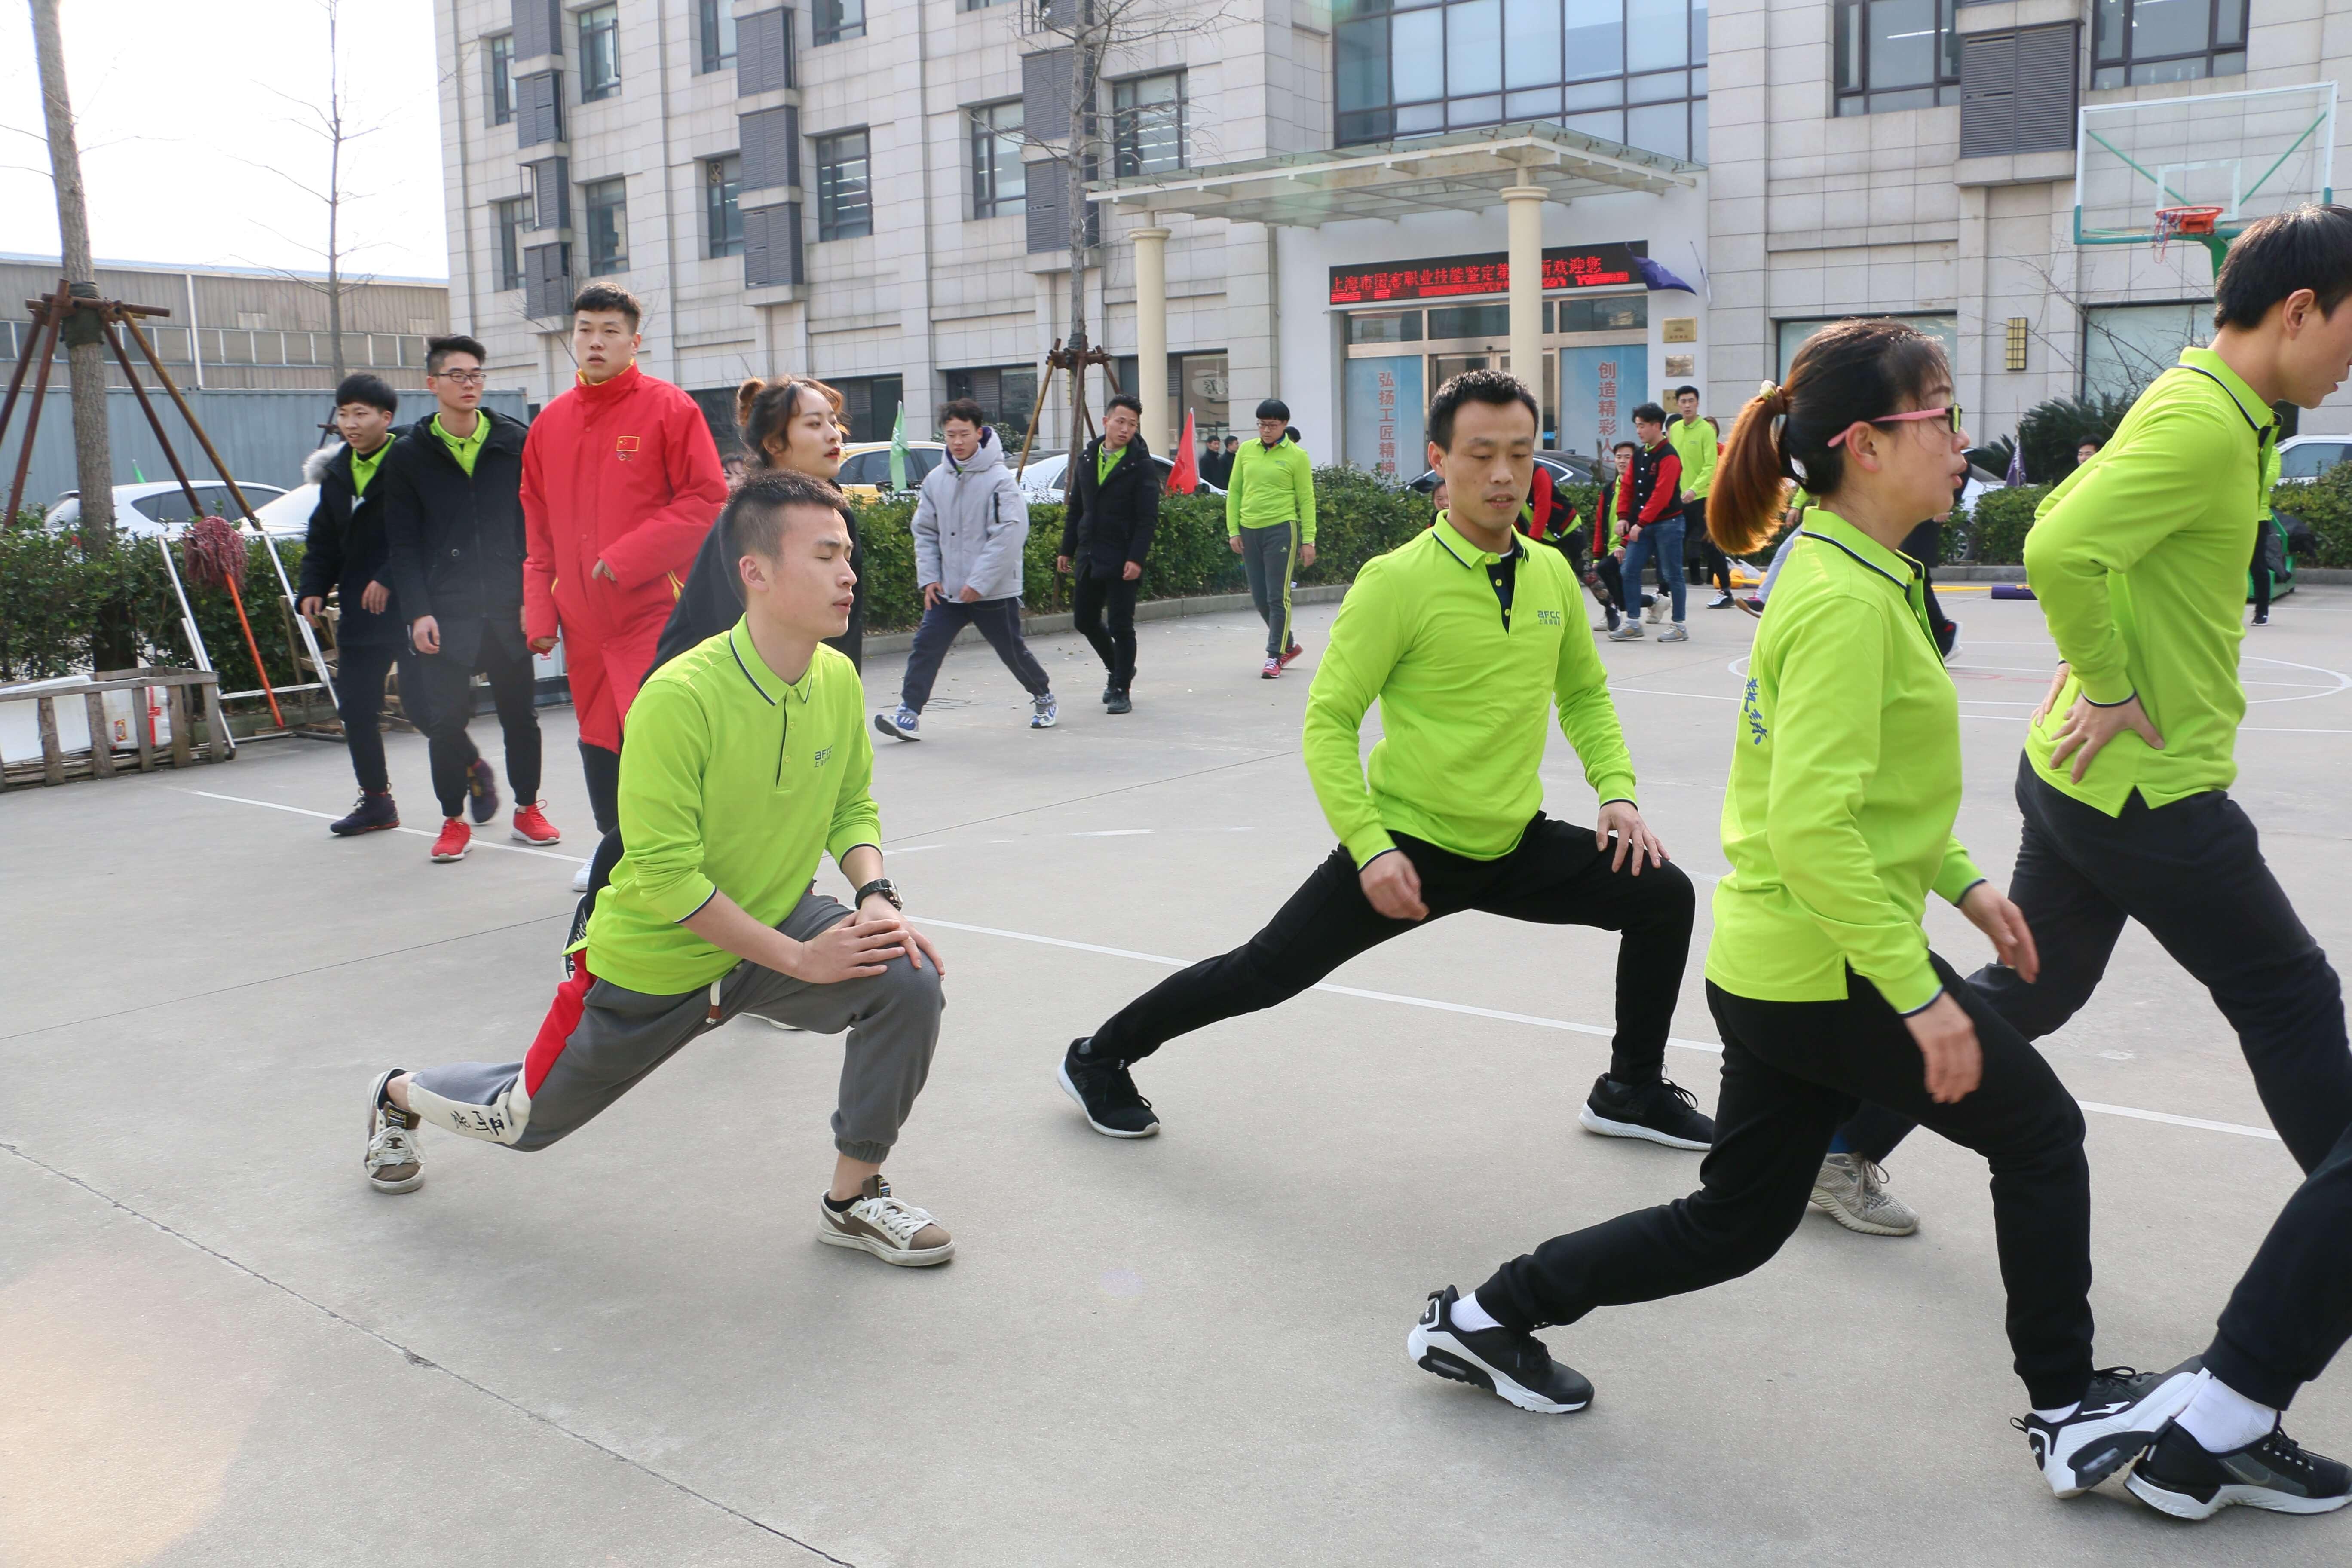 近年大热的少儿体适能培训是上海体适能适应市场需求而开发的新课程